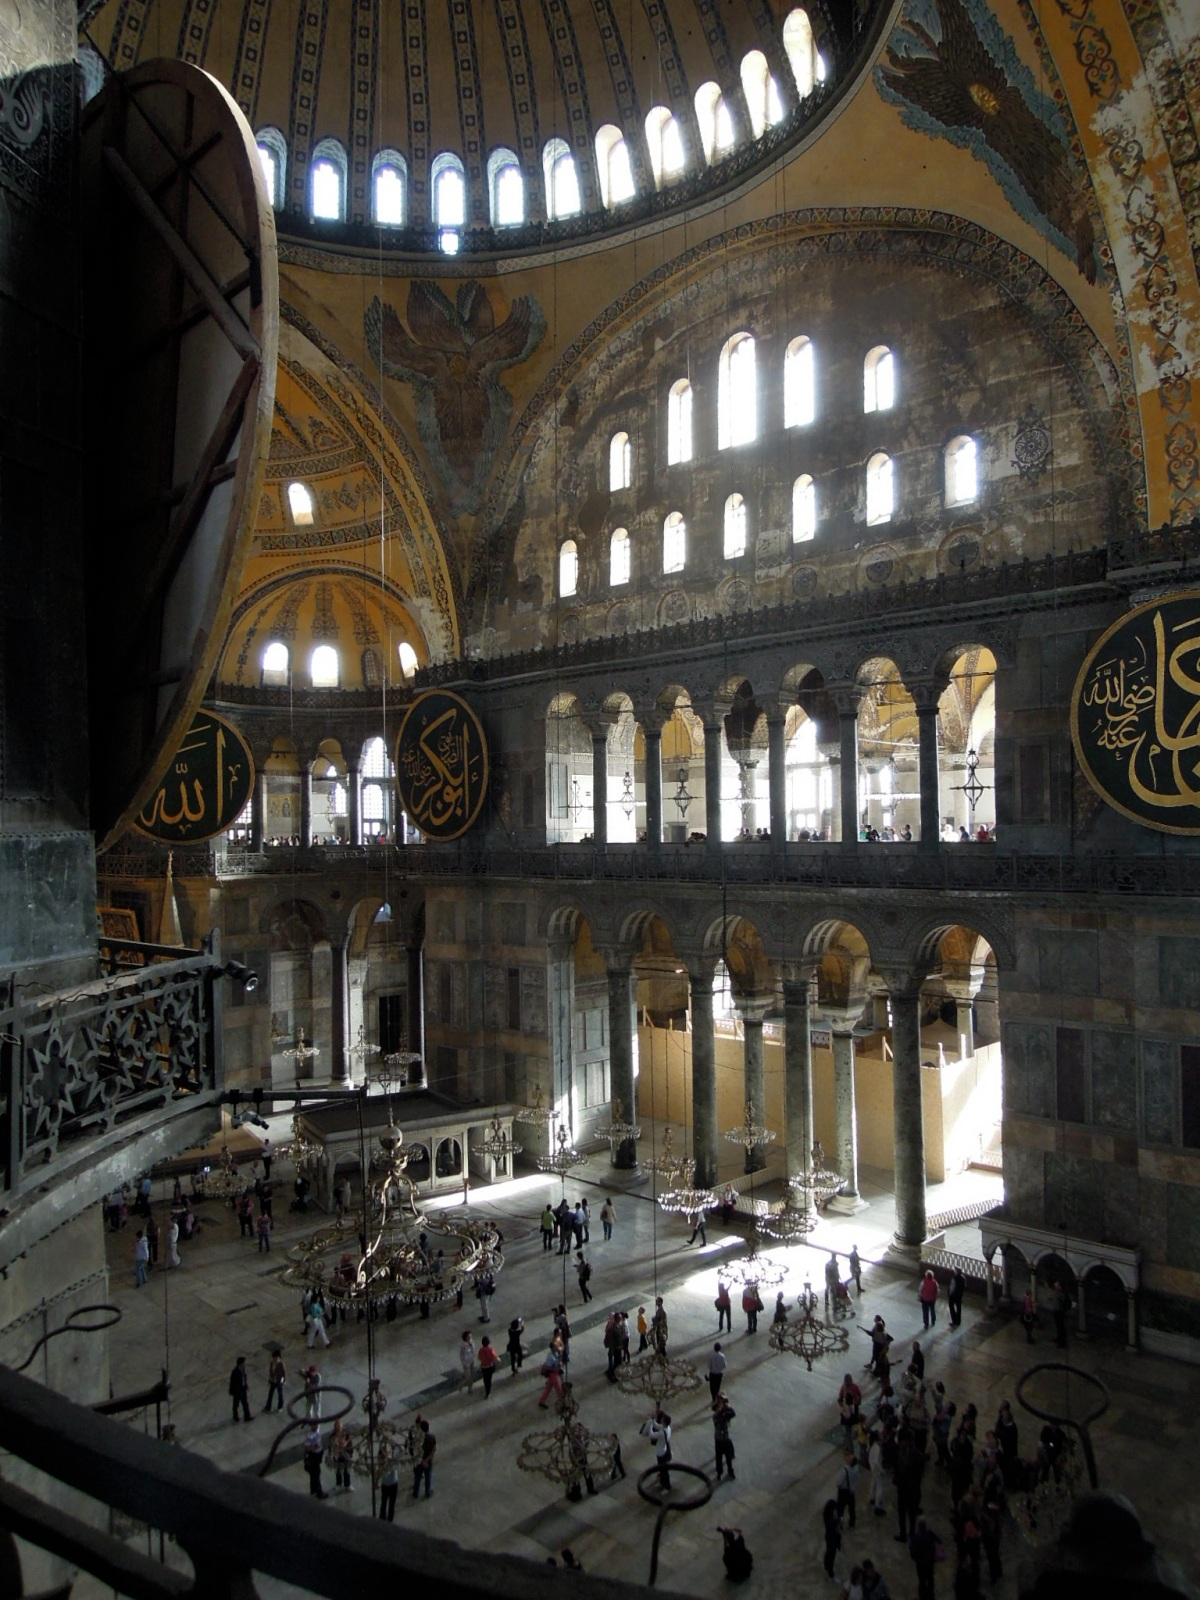 View of the vast main chamber of the Aya Sofya